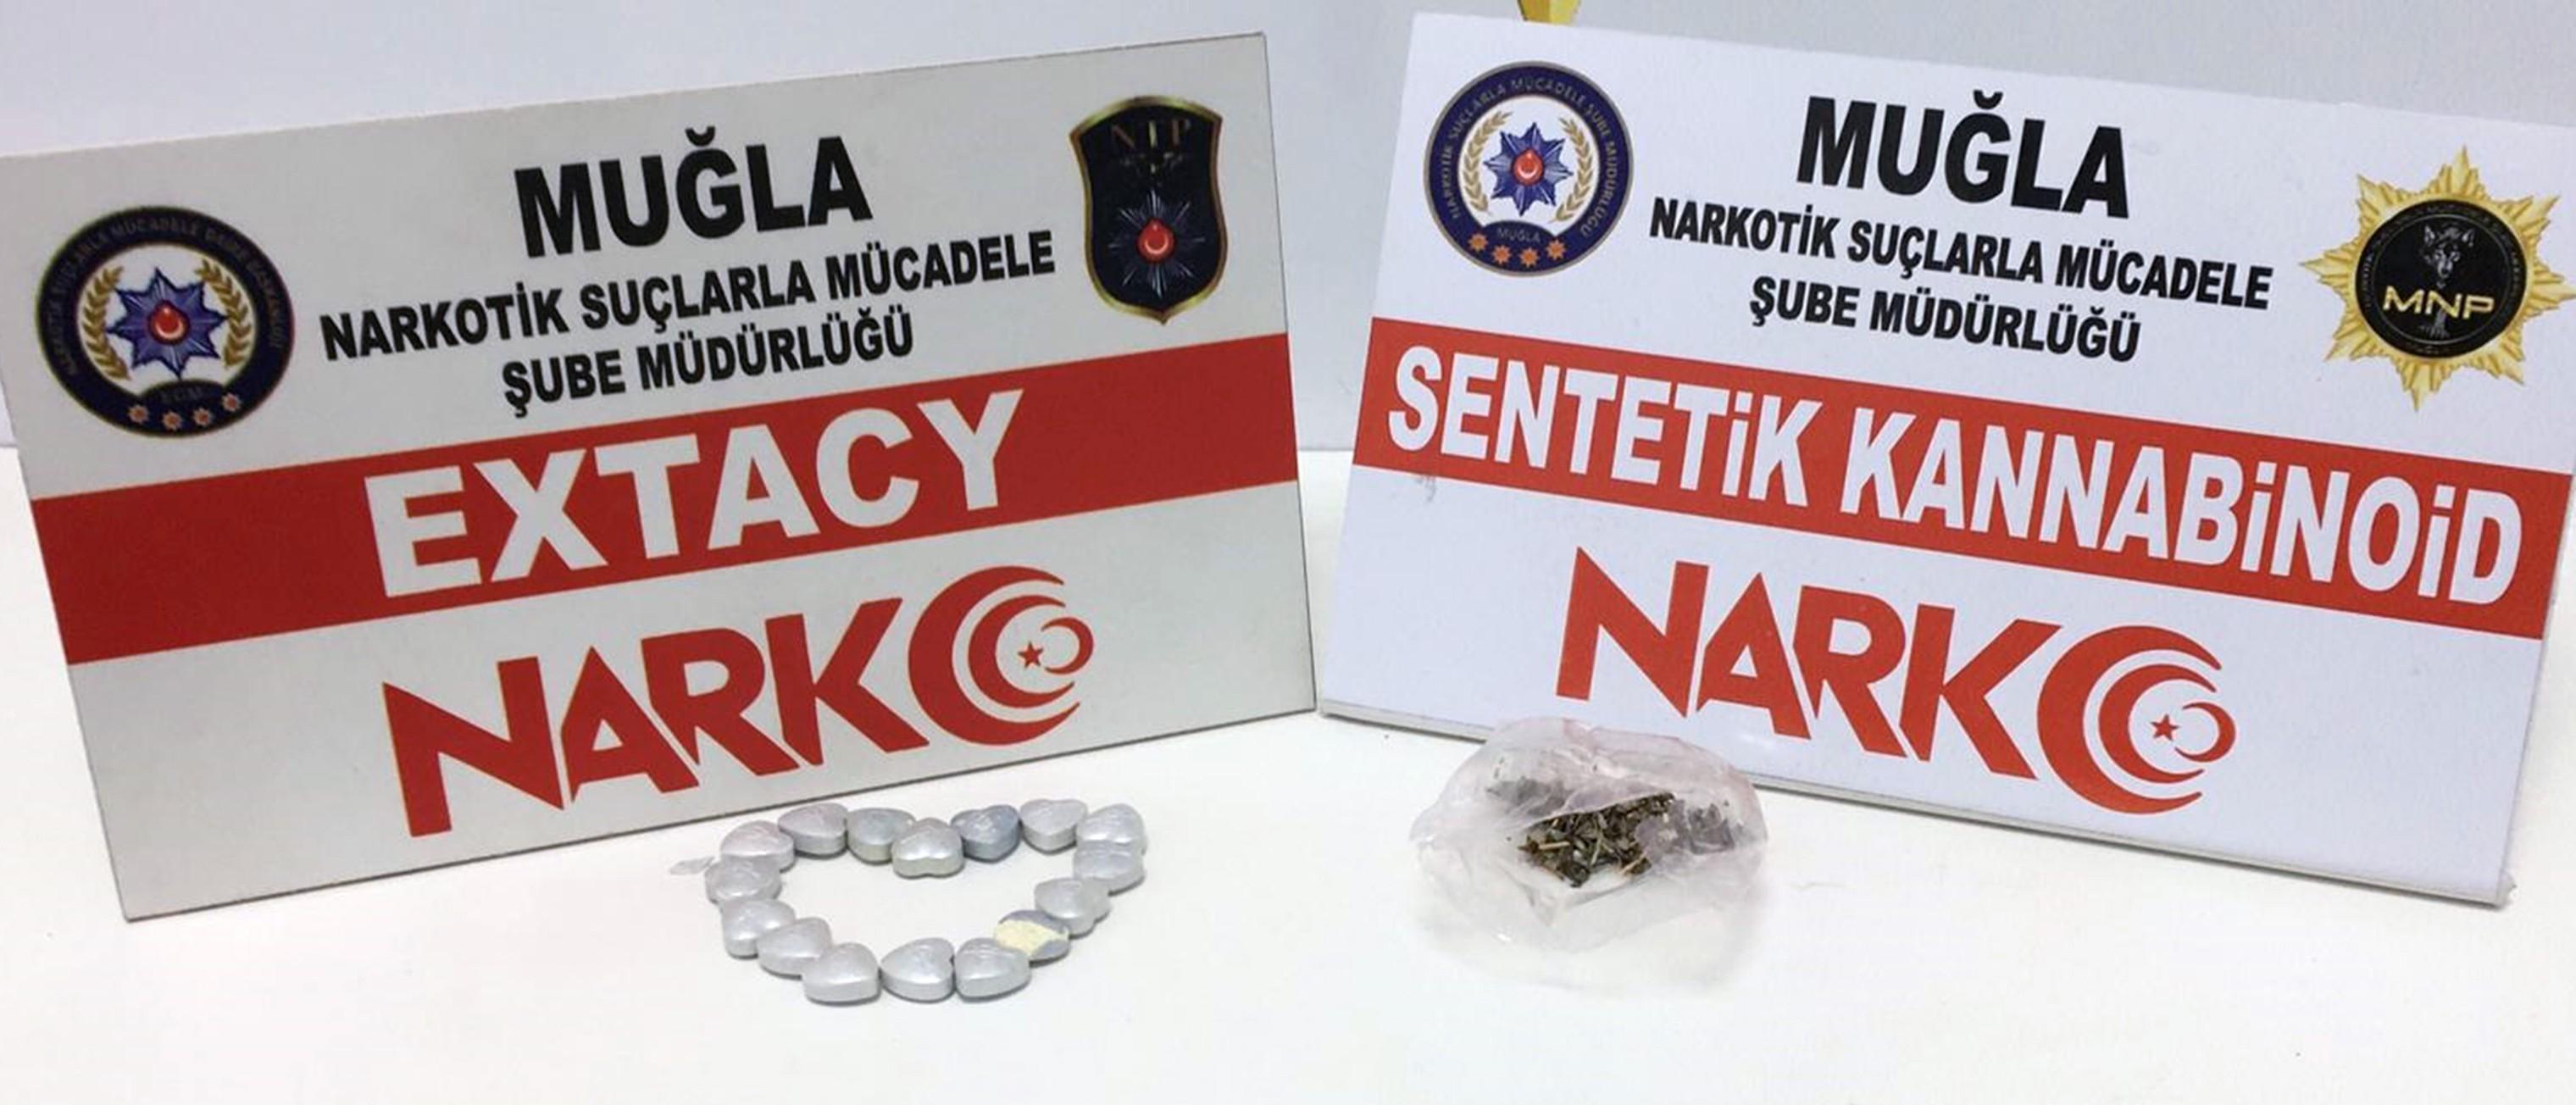 Muğla'da taş kokain ele geçirildi